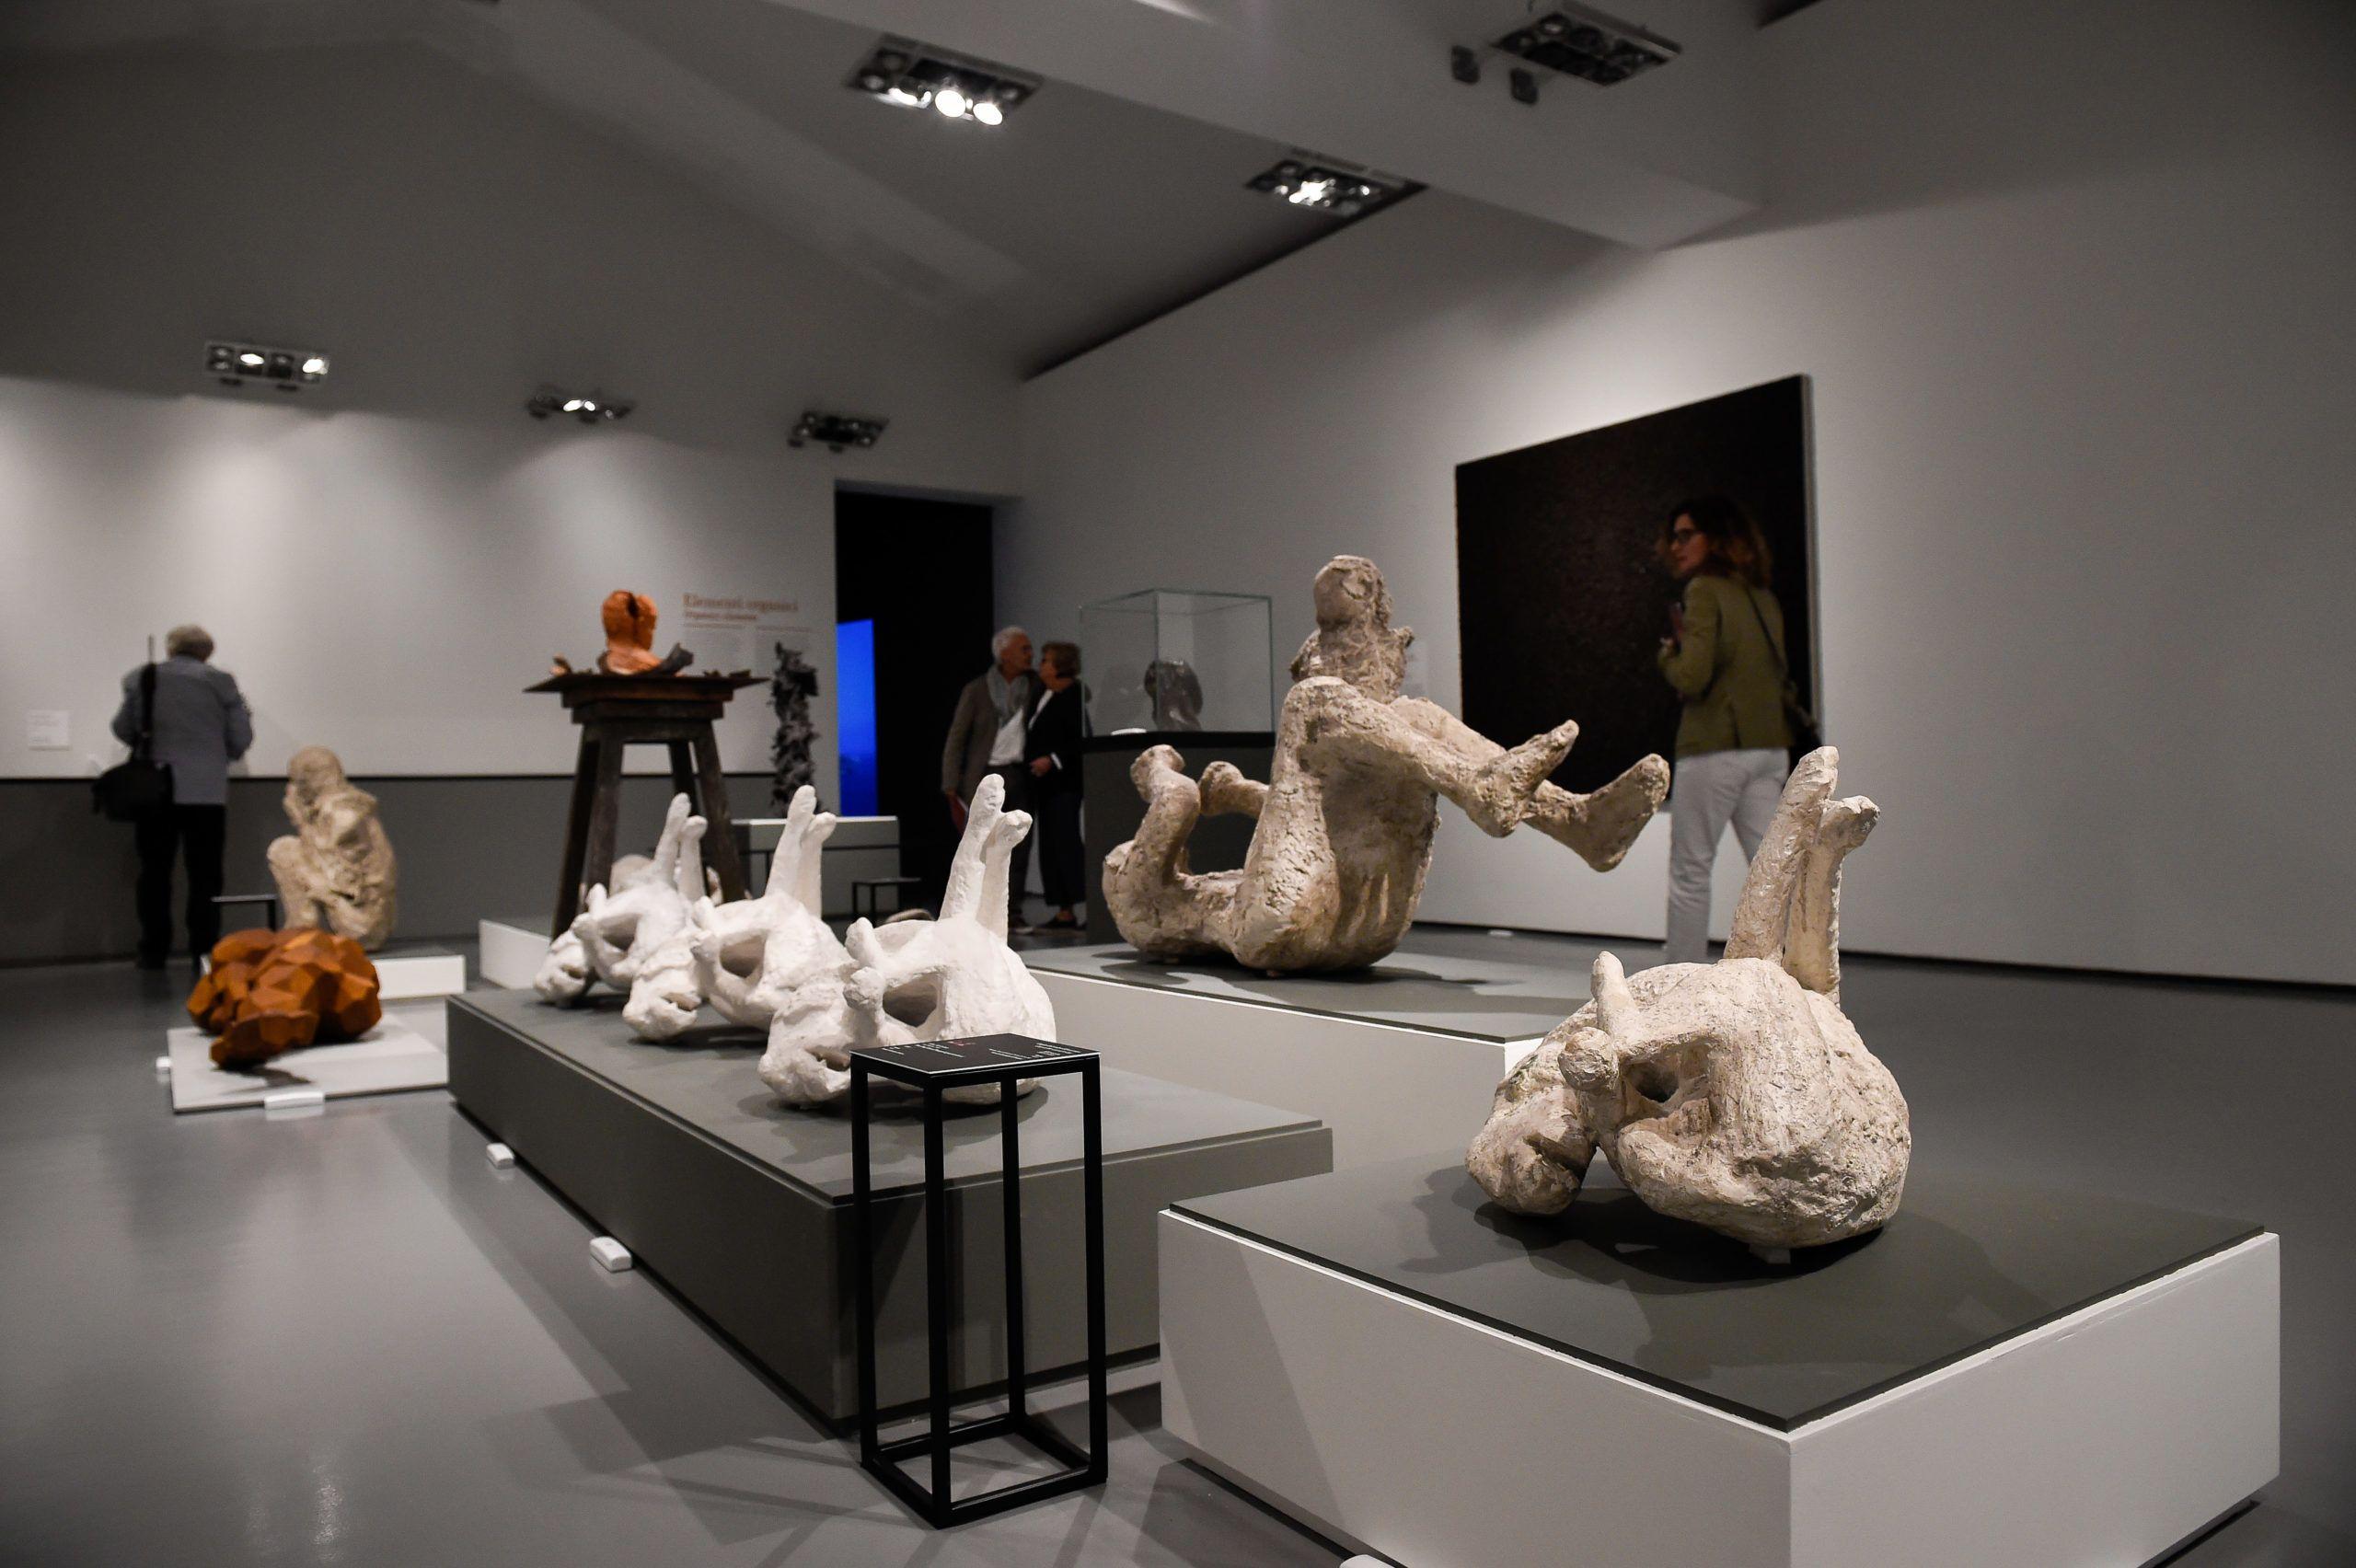 Egy Szantorini és Pompeii maradványait bemutató kiállítás Rómában, 2019 őszént (fotó: Marilla Sicilia/Archivio Marilla Sicilia/Mondadori Portfolio via Getty Images)